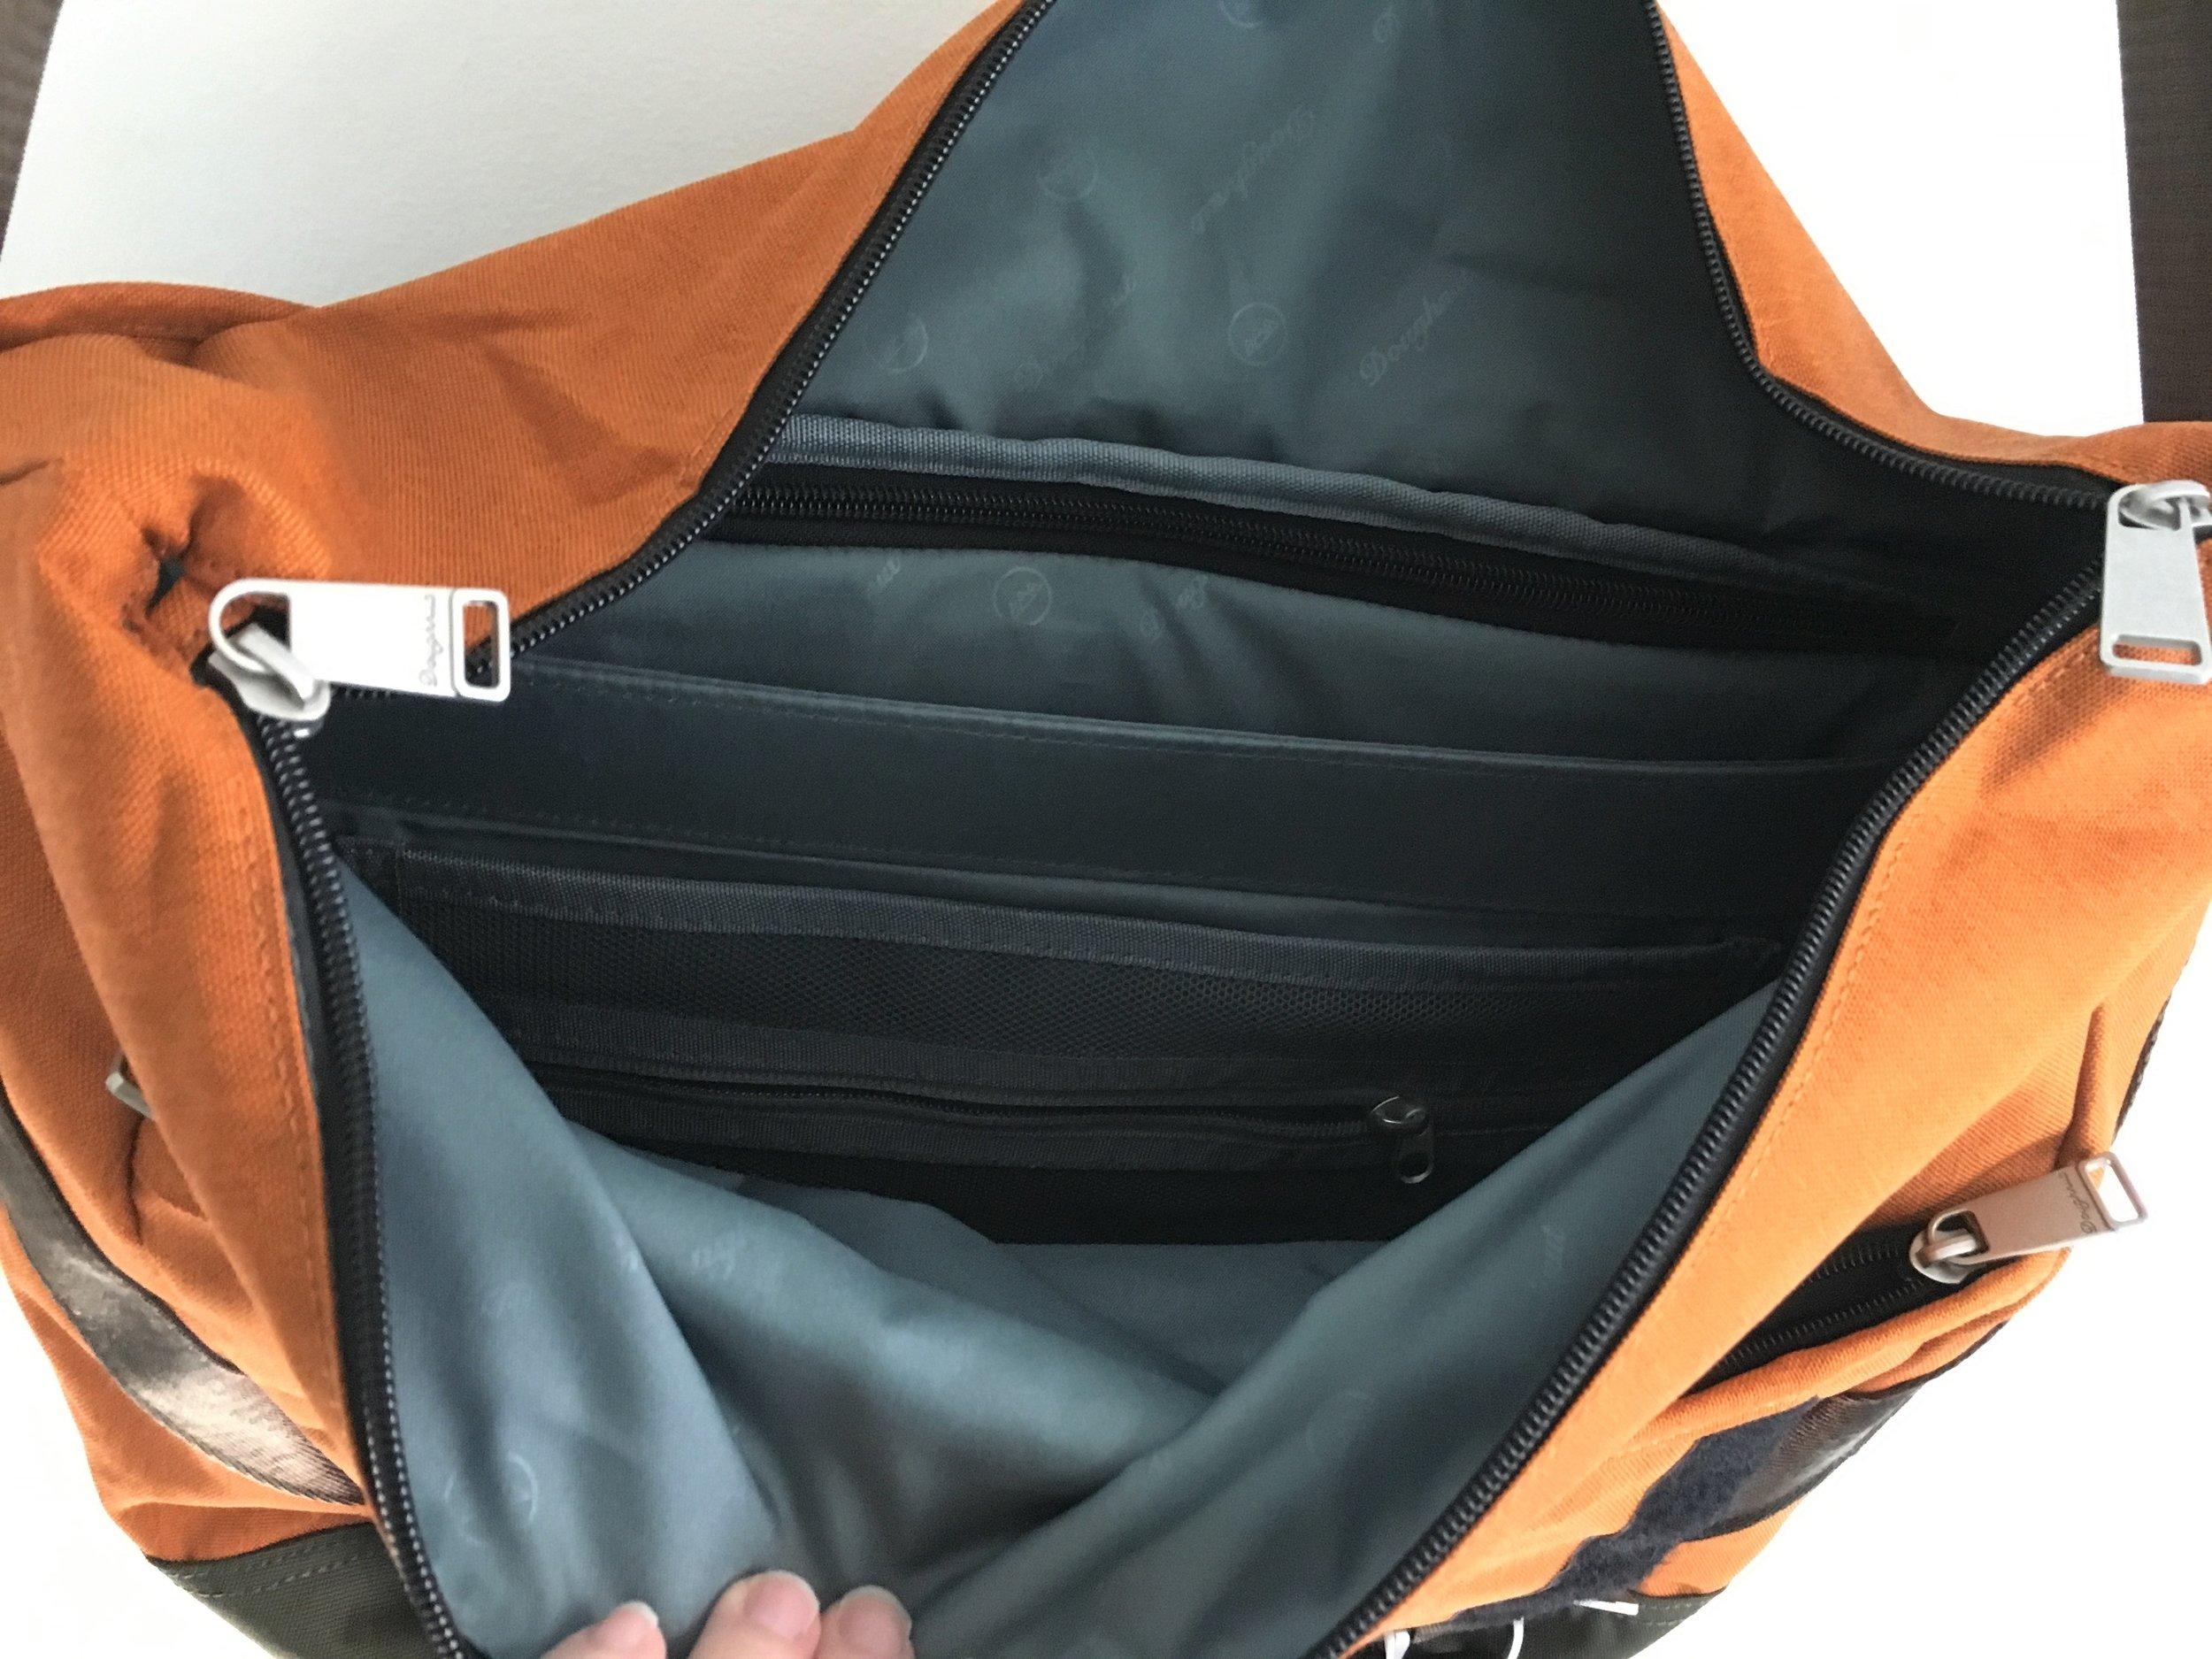 Doughnut Denver Messenger Bag Inside